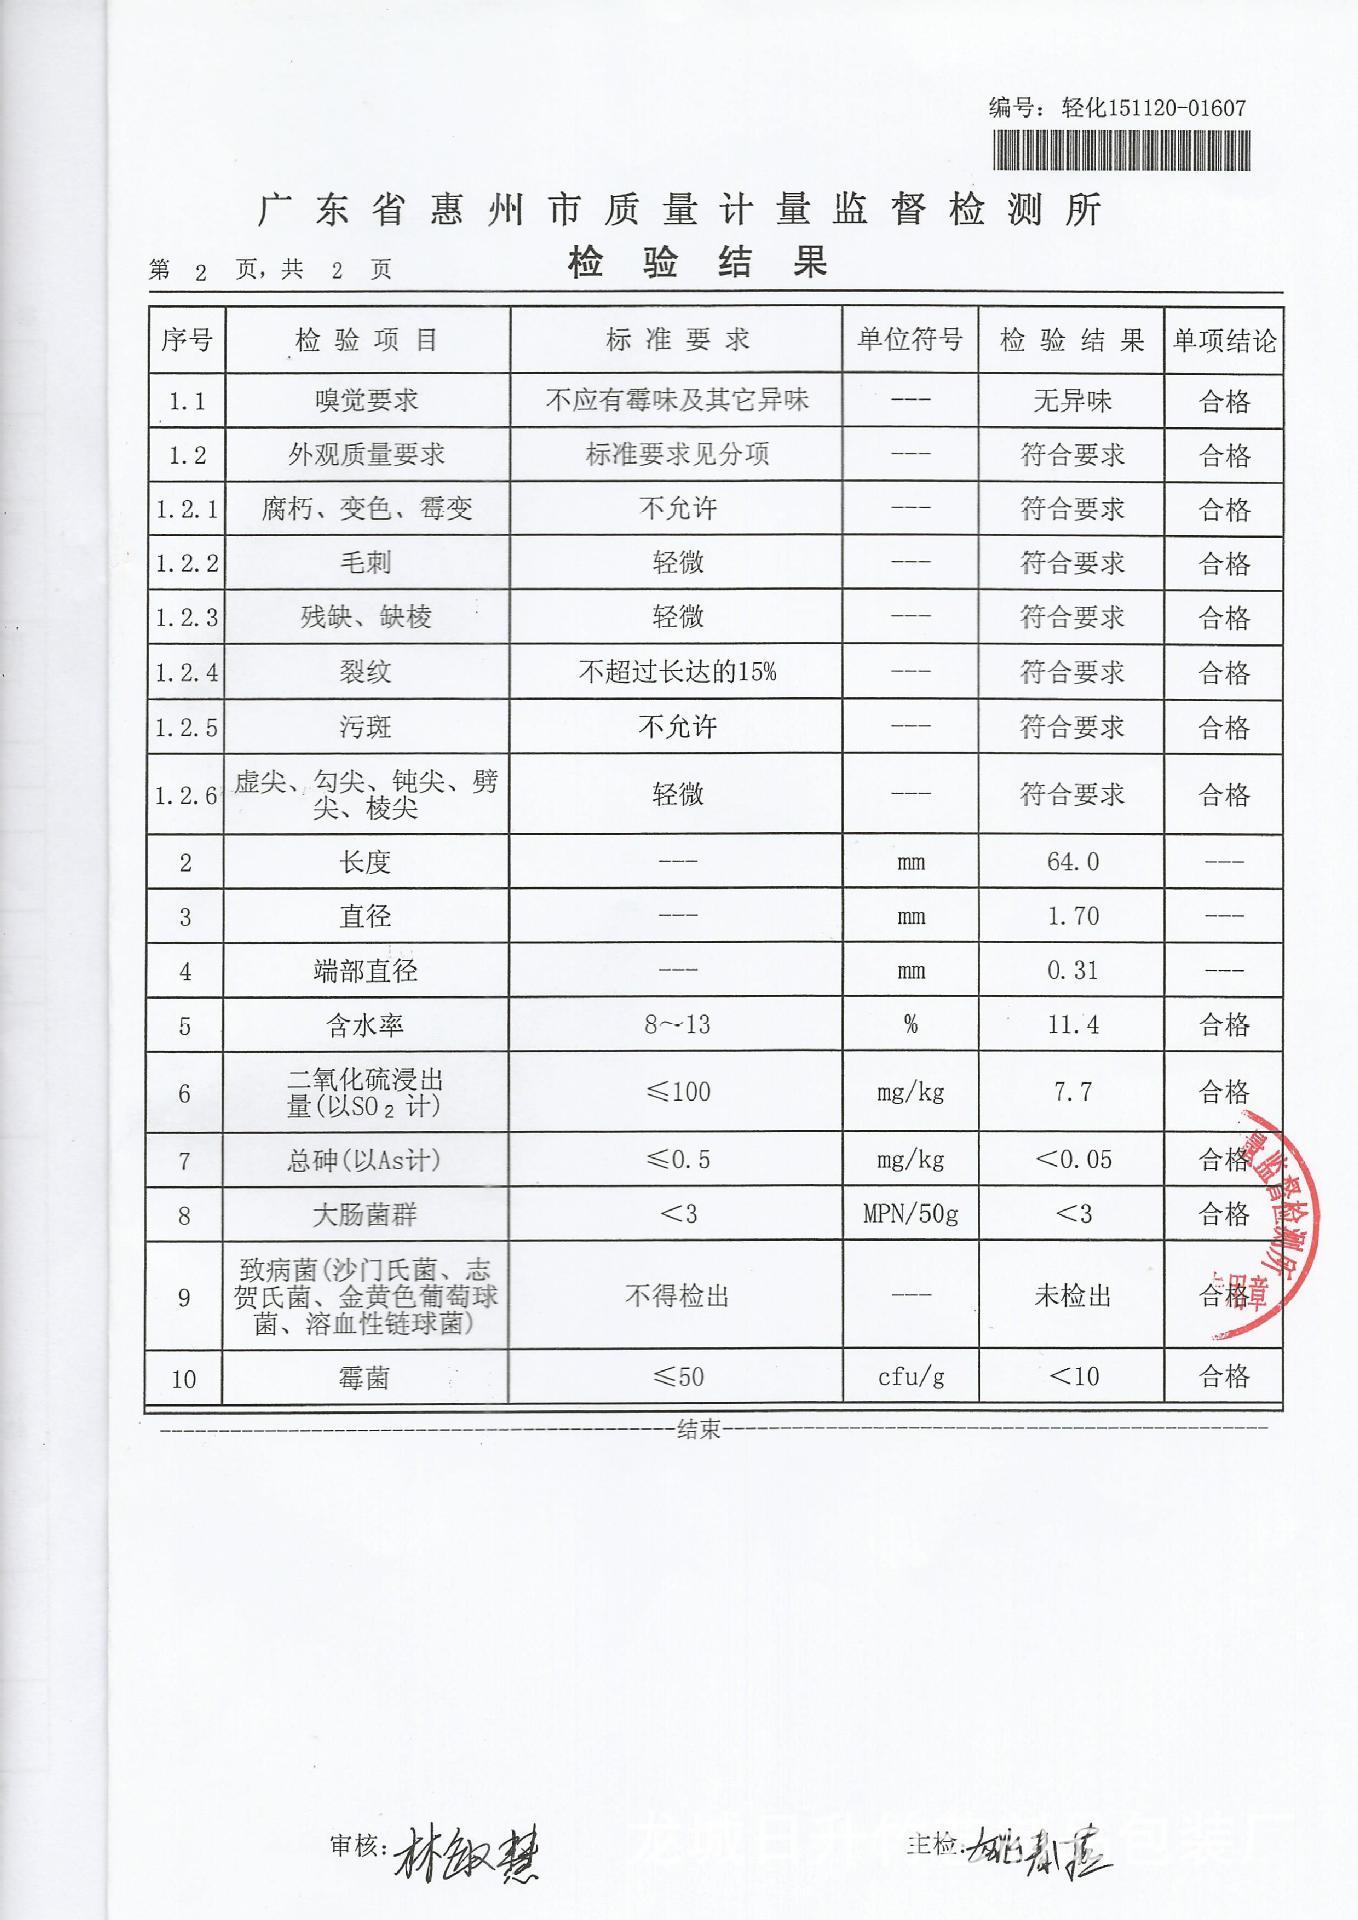 产品质量抽查检验报告-2